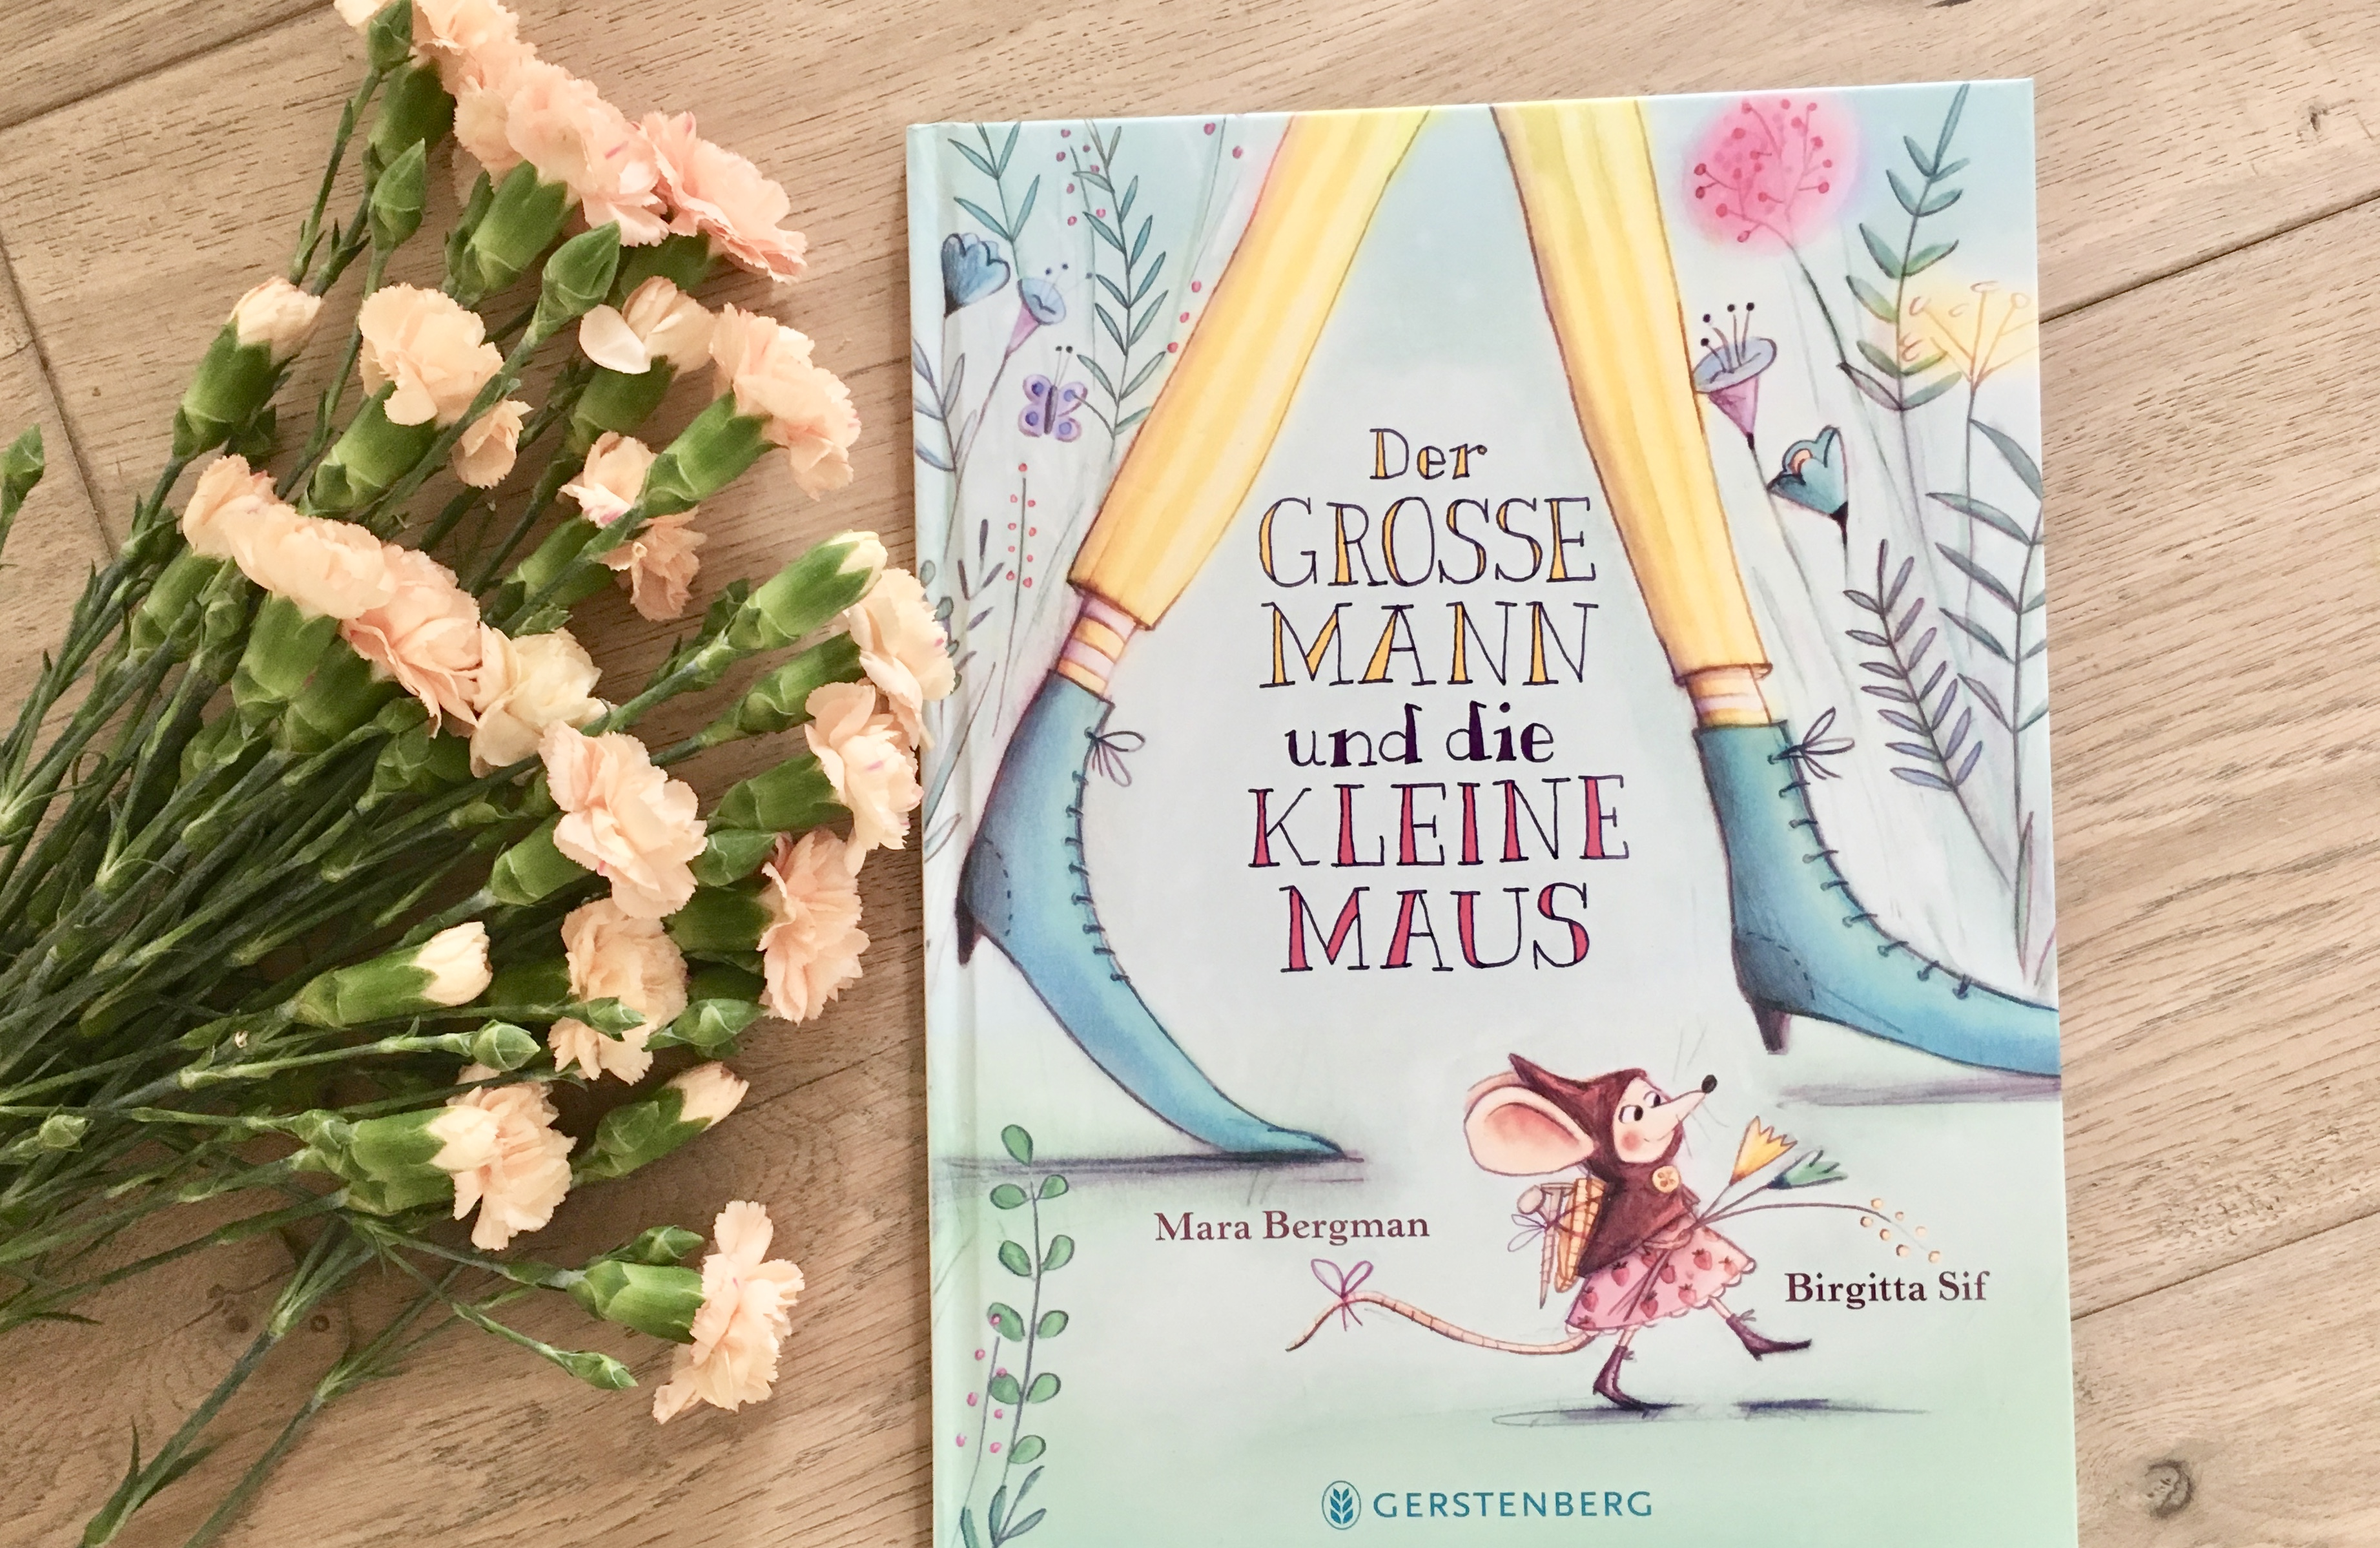 Der große Mann und die kleine Maus von Mara Bergman (Text) und Birgitta Sif (Illustration)